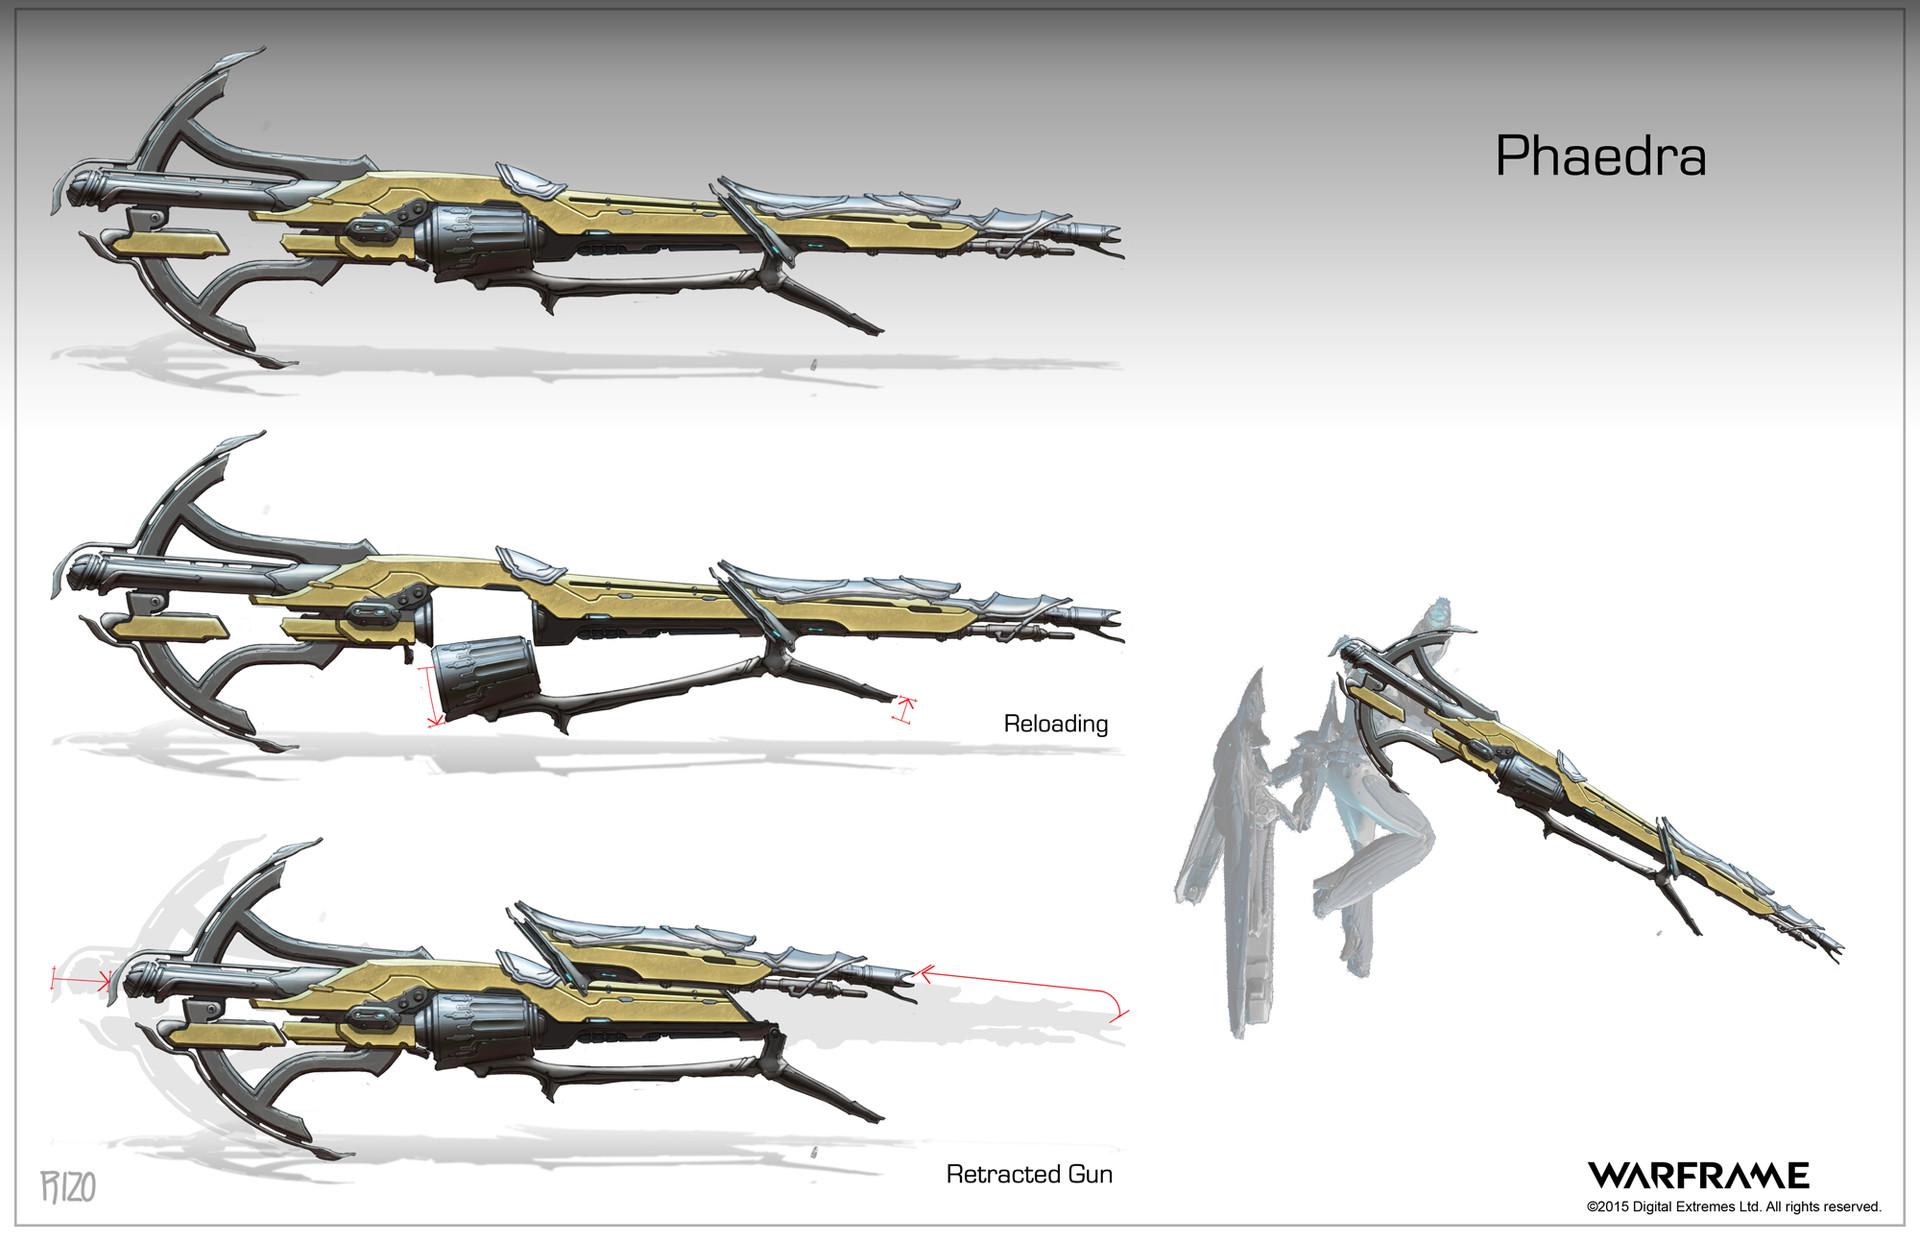 Znalezione obrazy dla zapytania warframe phaedra